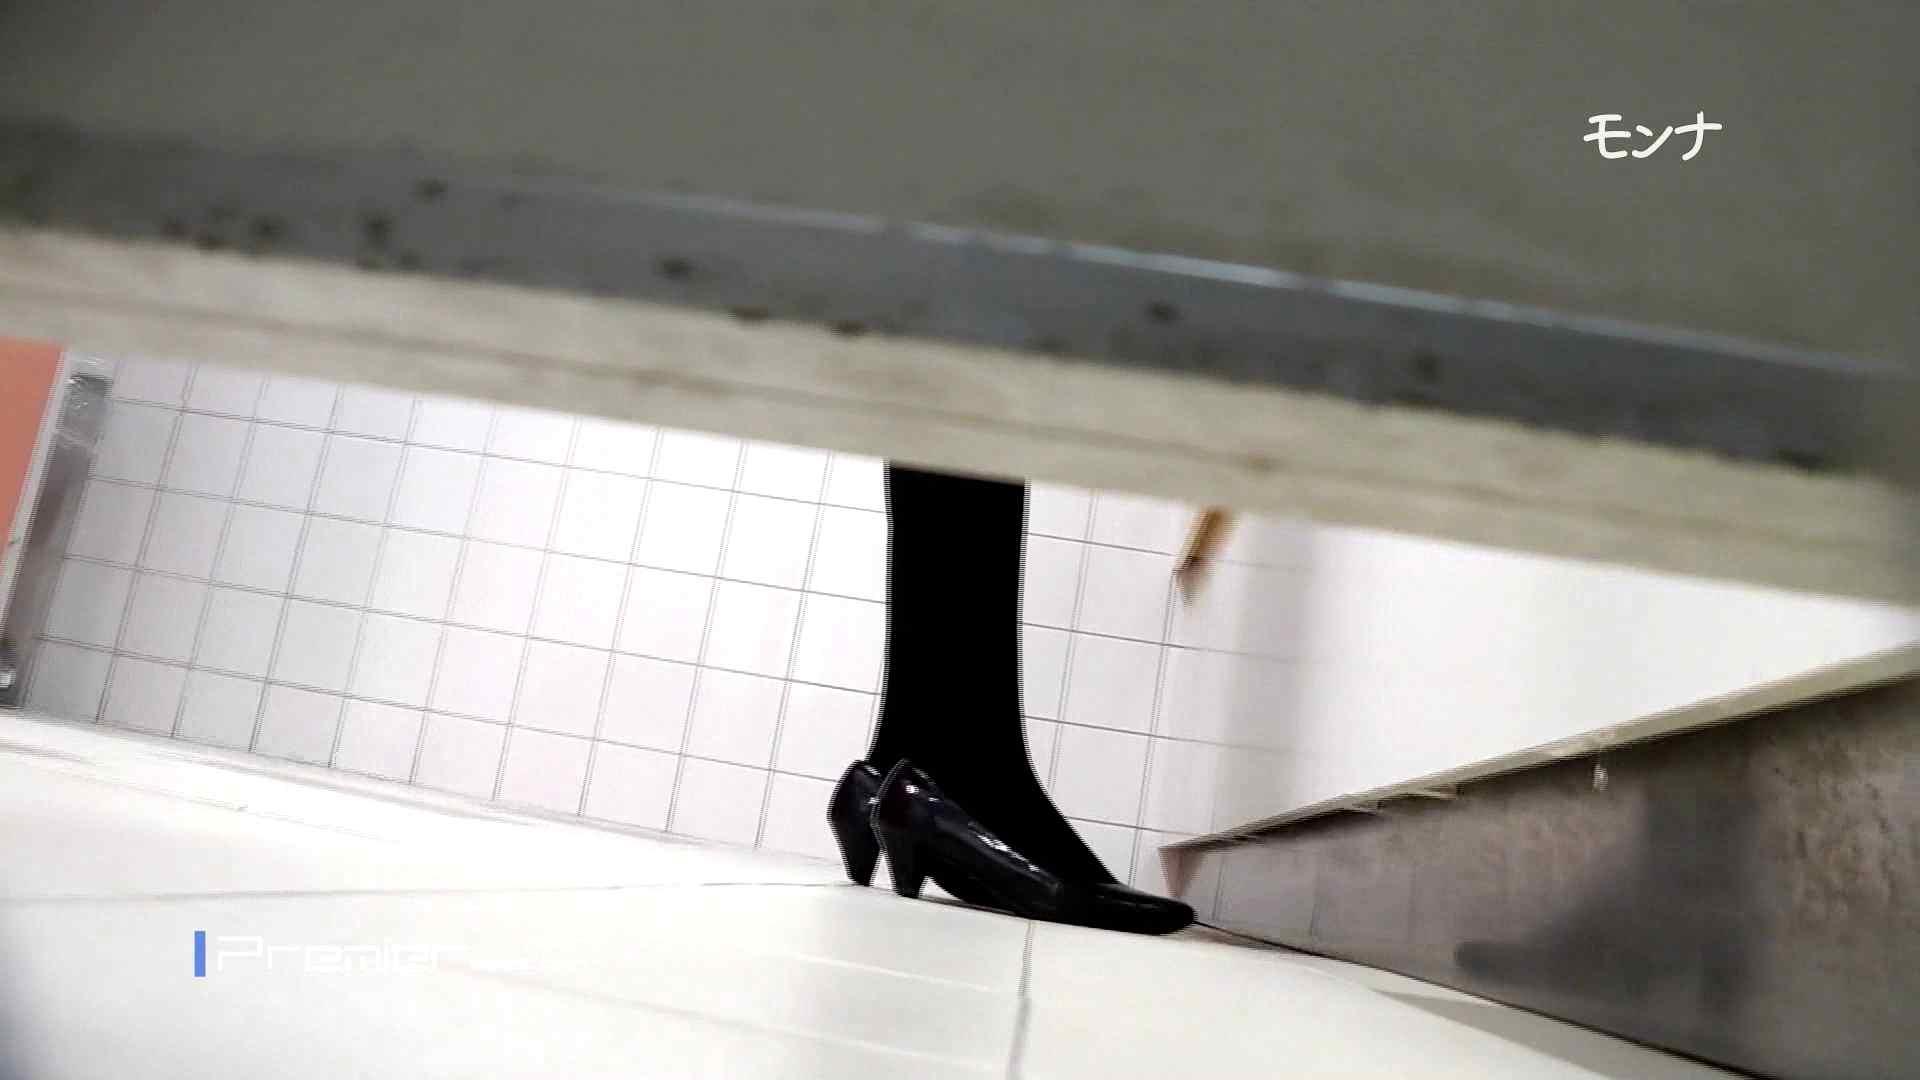 新学期!!下半身中心に攻めてます美小女可愛い女の悪戯盗撮トイレ 禁断のトイレ  106枚 24